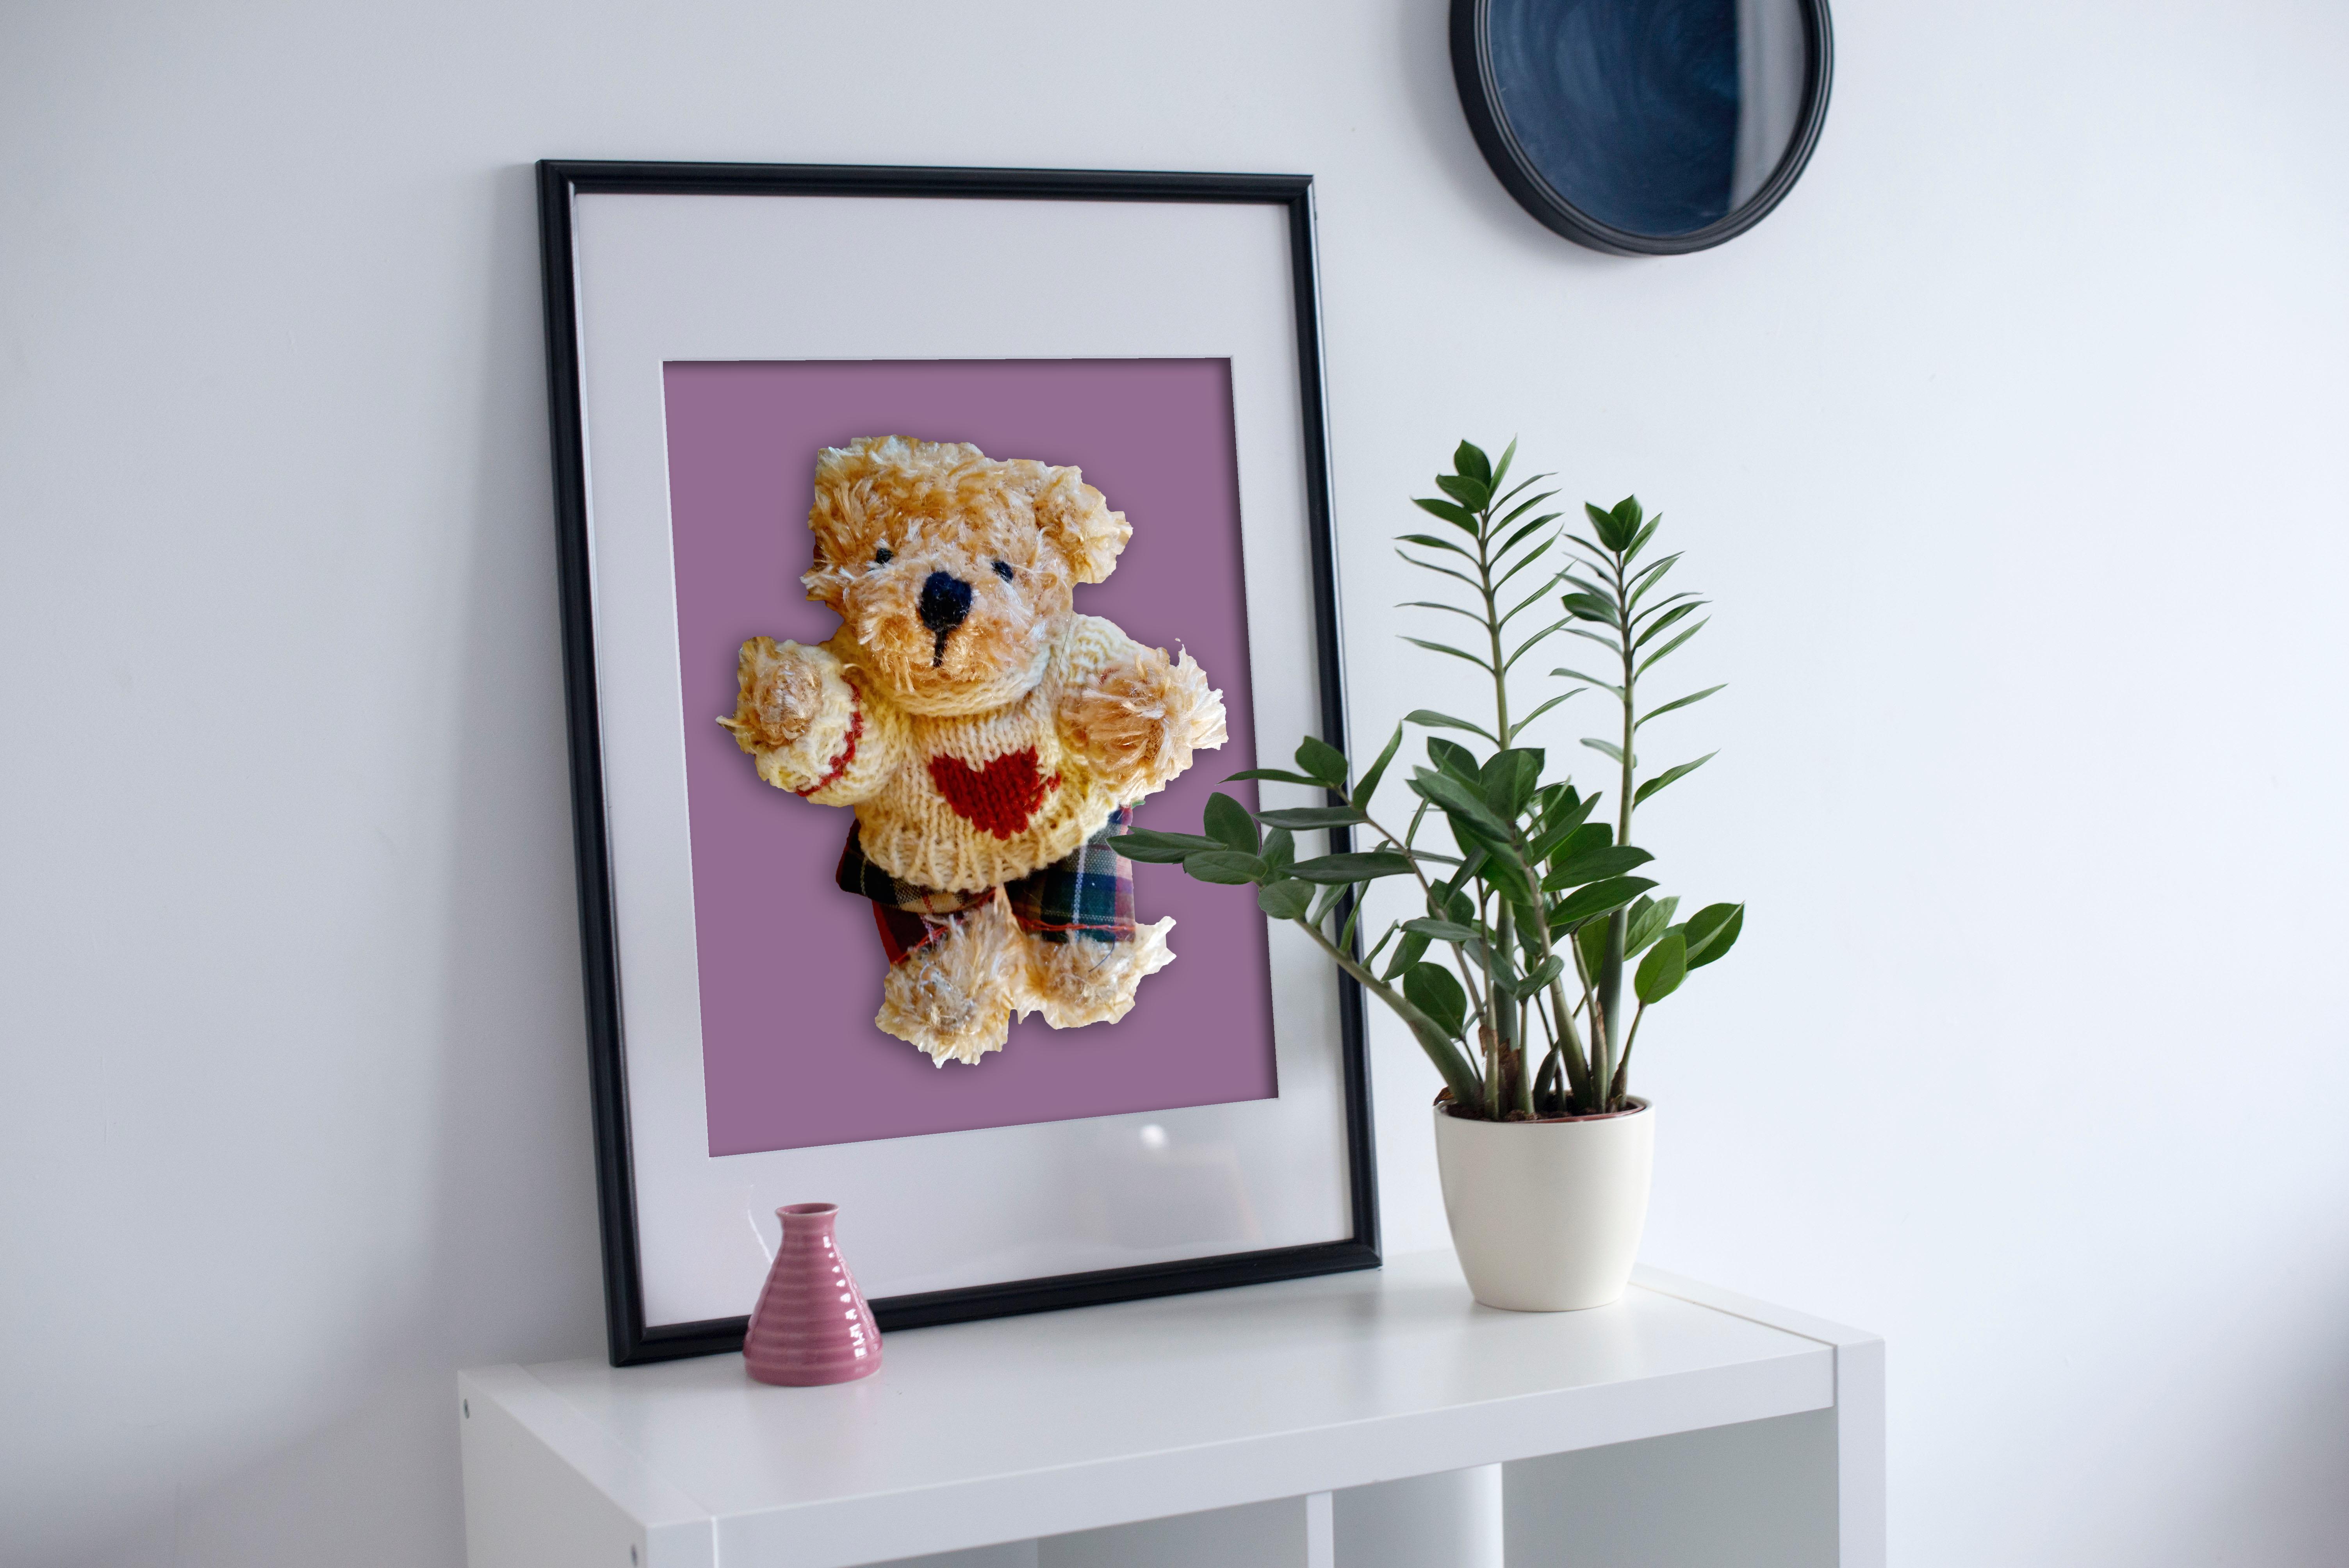 söt Nallebjörn. skapa en poster med dina egna budskap, egna foton. Styla din inredning med unik design.